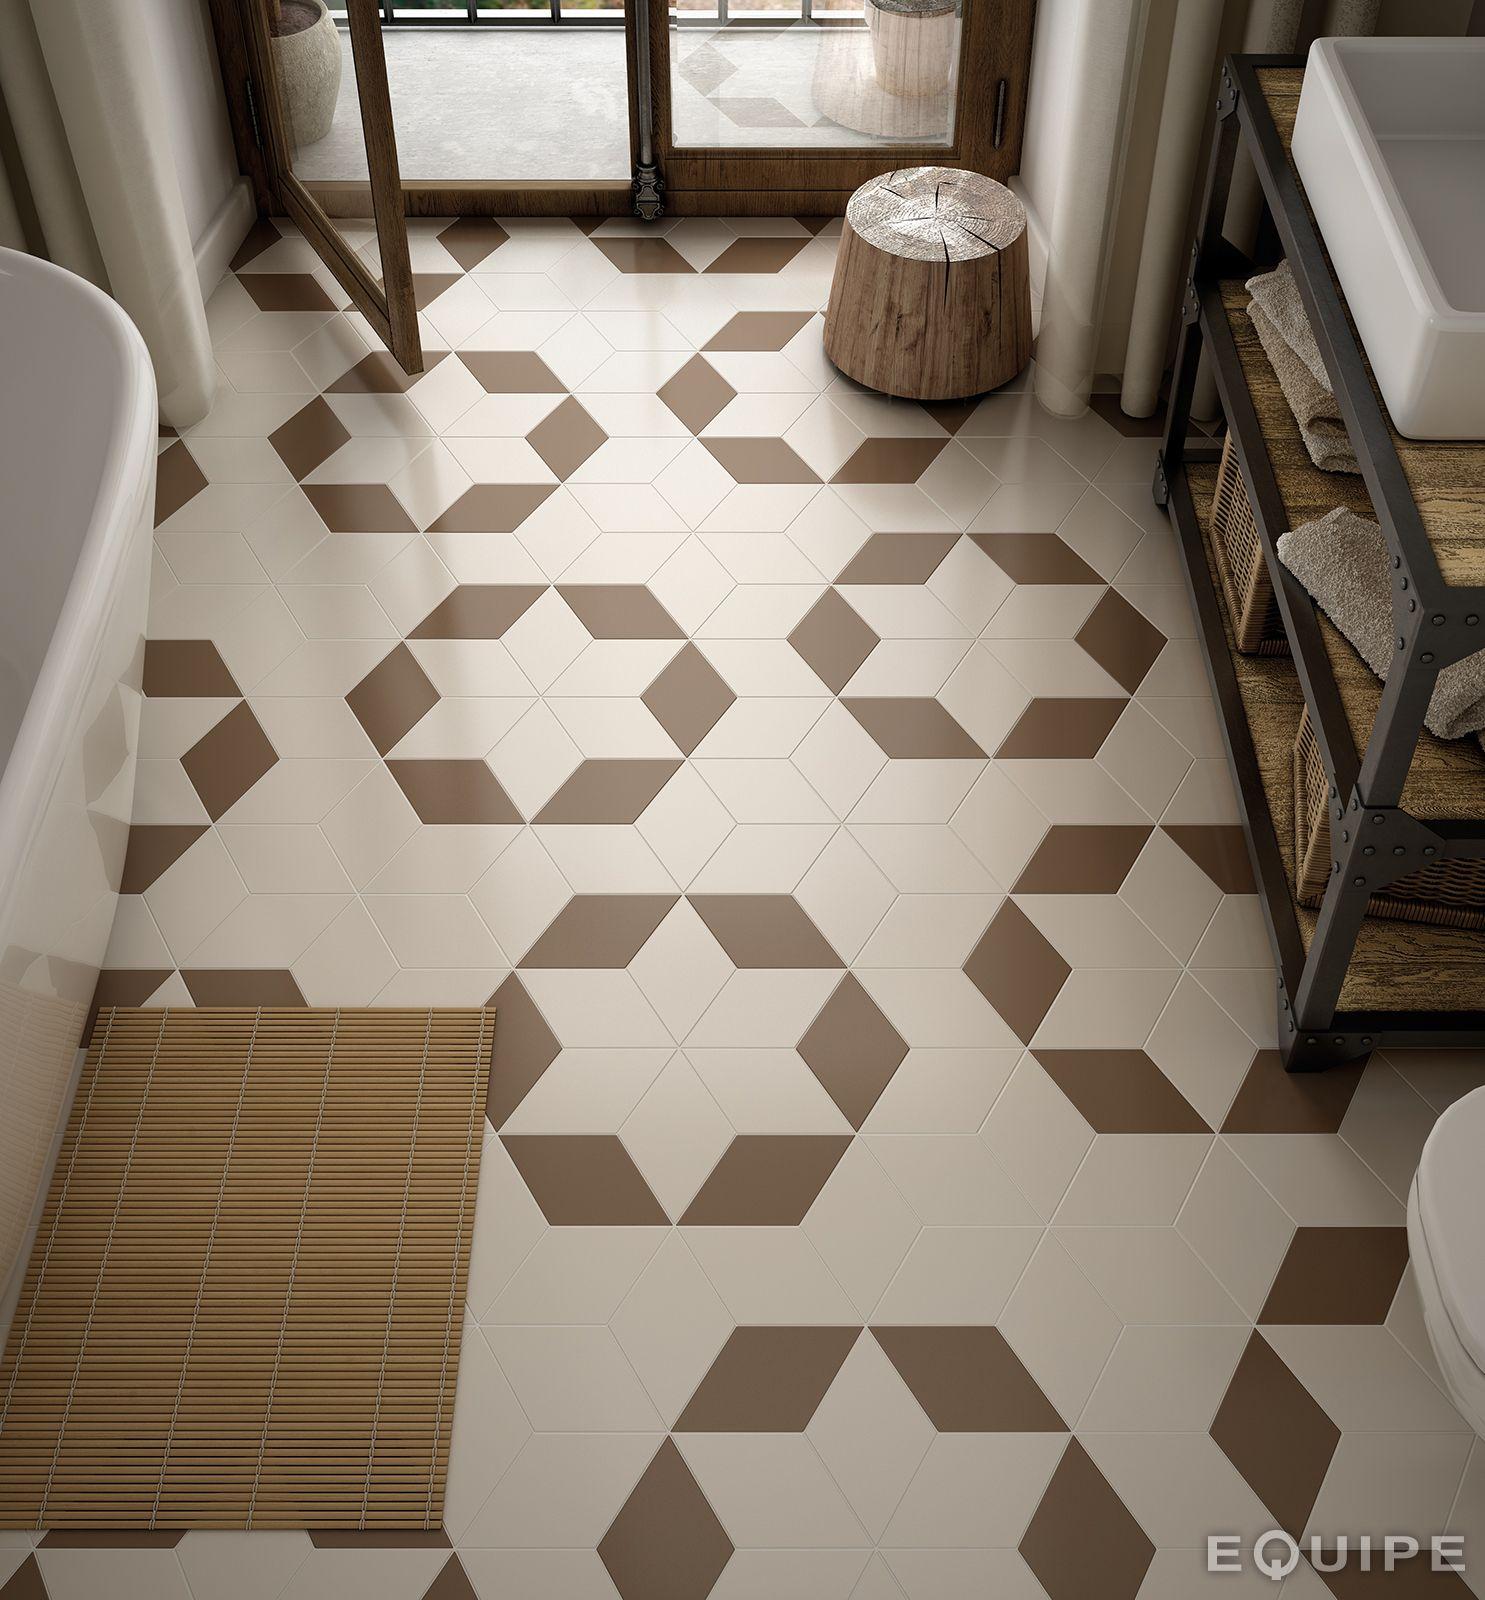 carrelage beige taupe losange cr dence pinterest. Black Bedroom Furniture Sets. Home Design Ideas